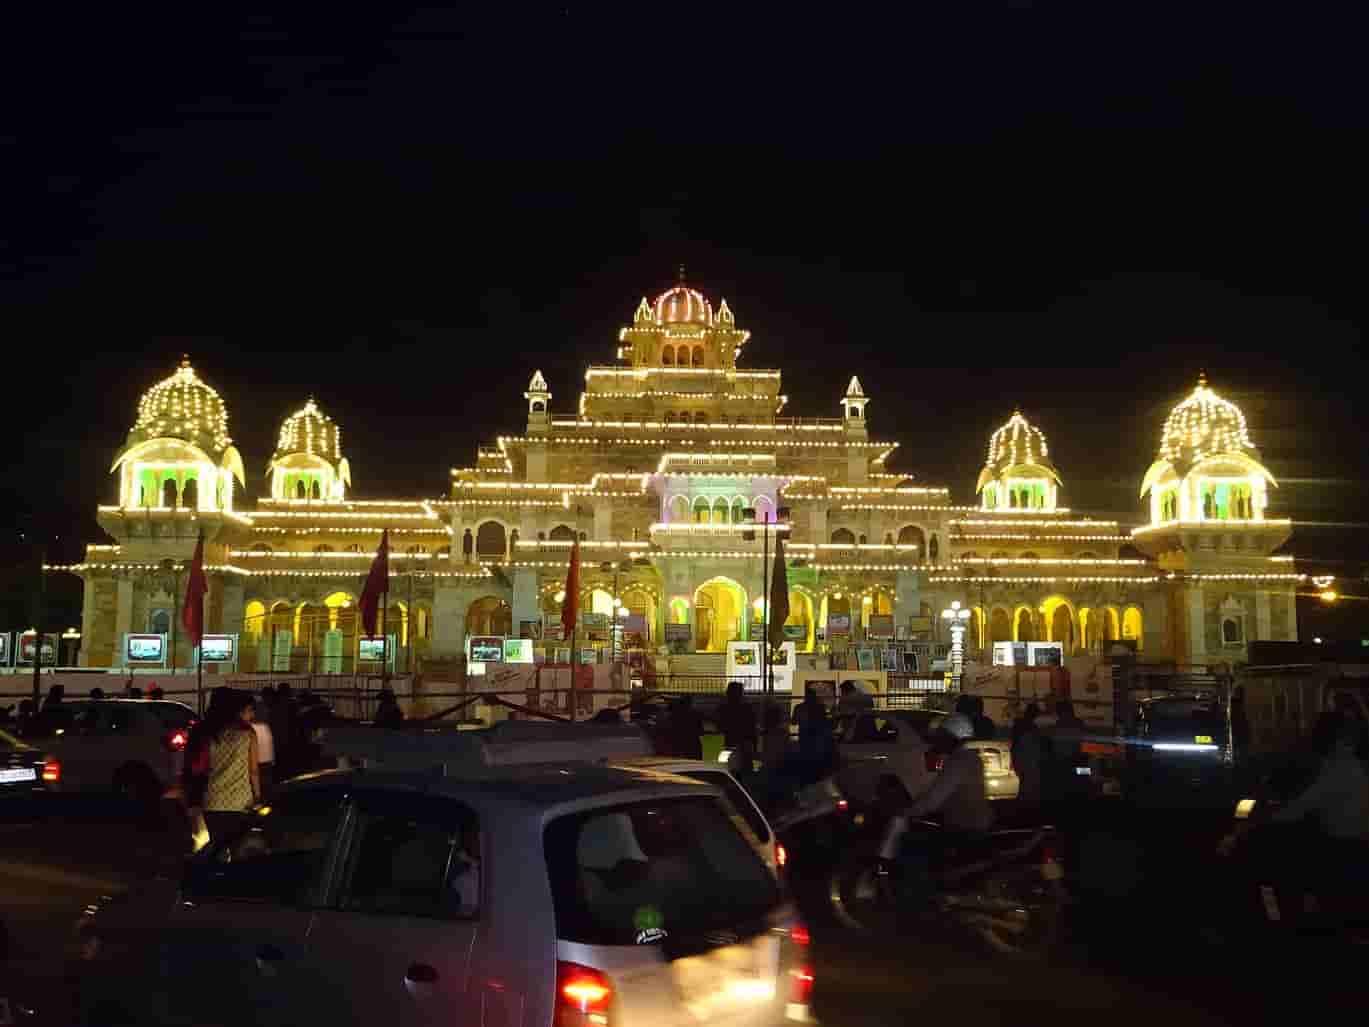 jaipur night places visit